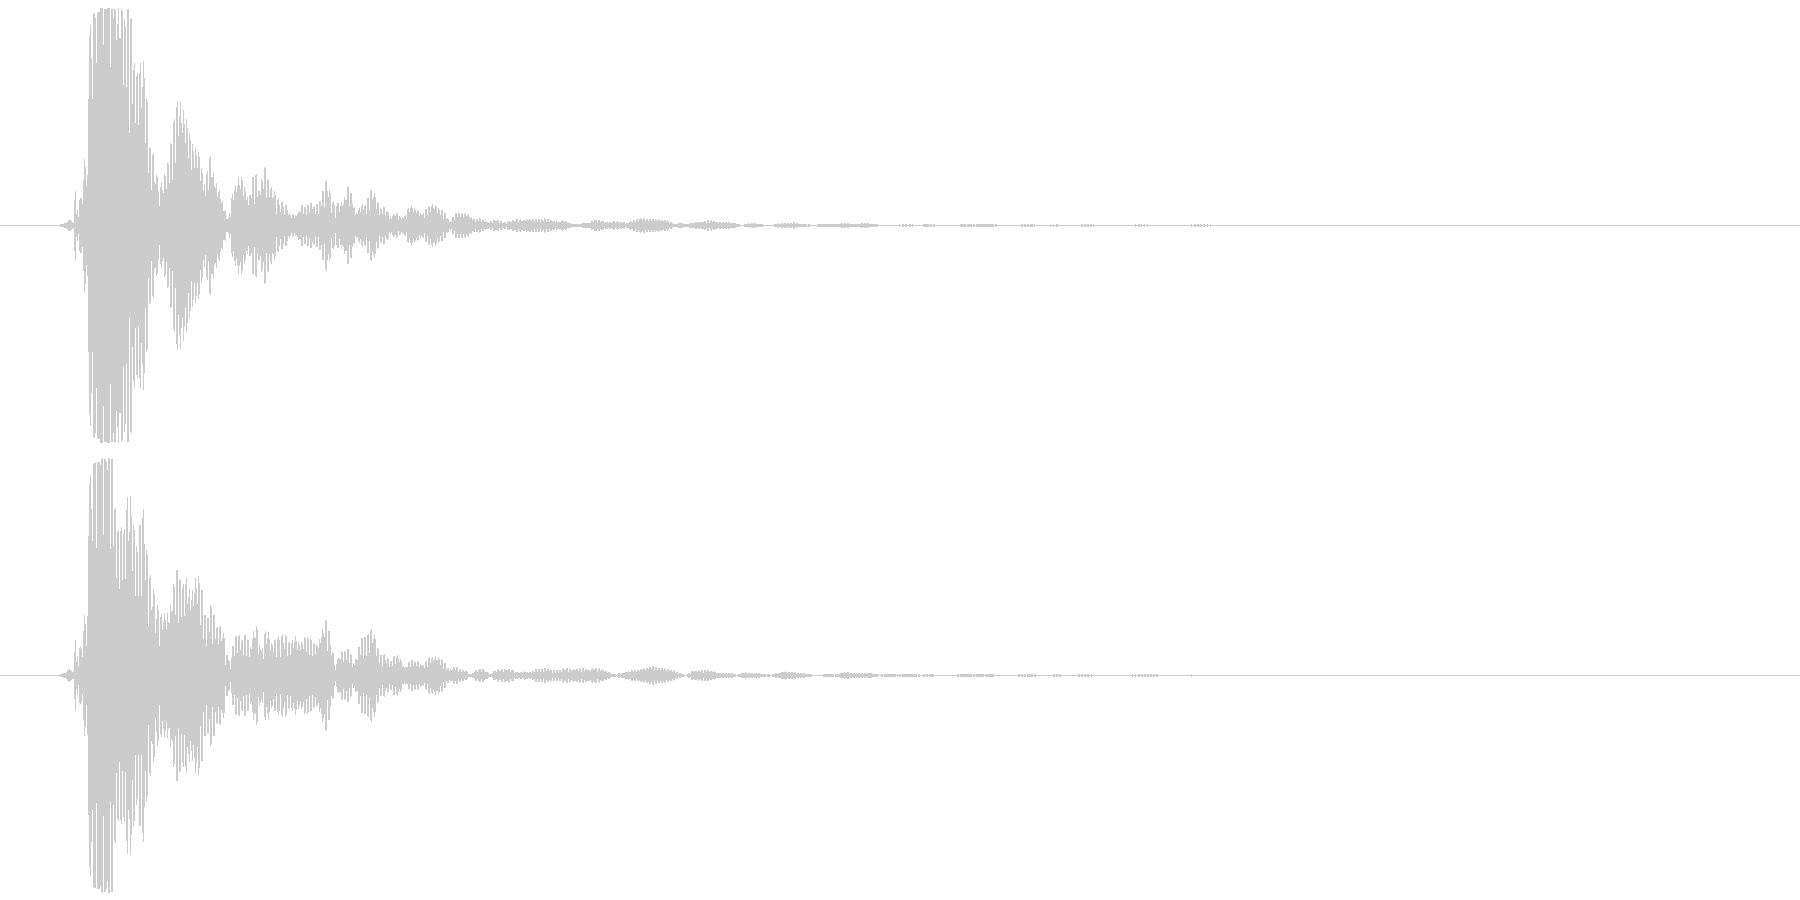 ポン (抜くような音) 明るめの未再生の波形